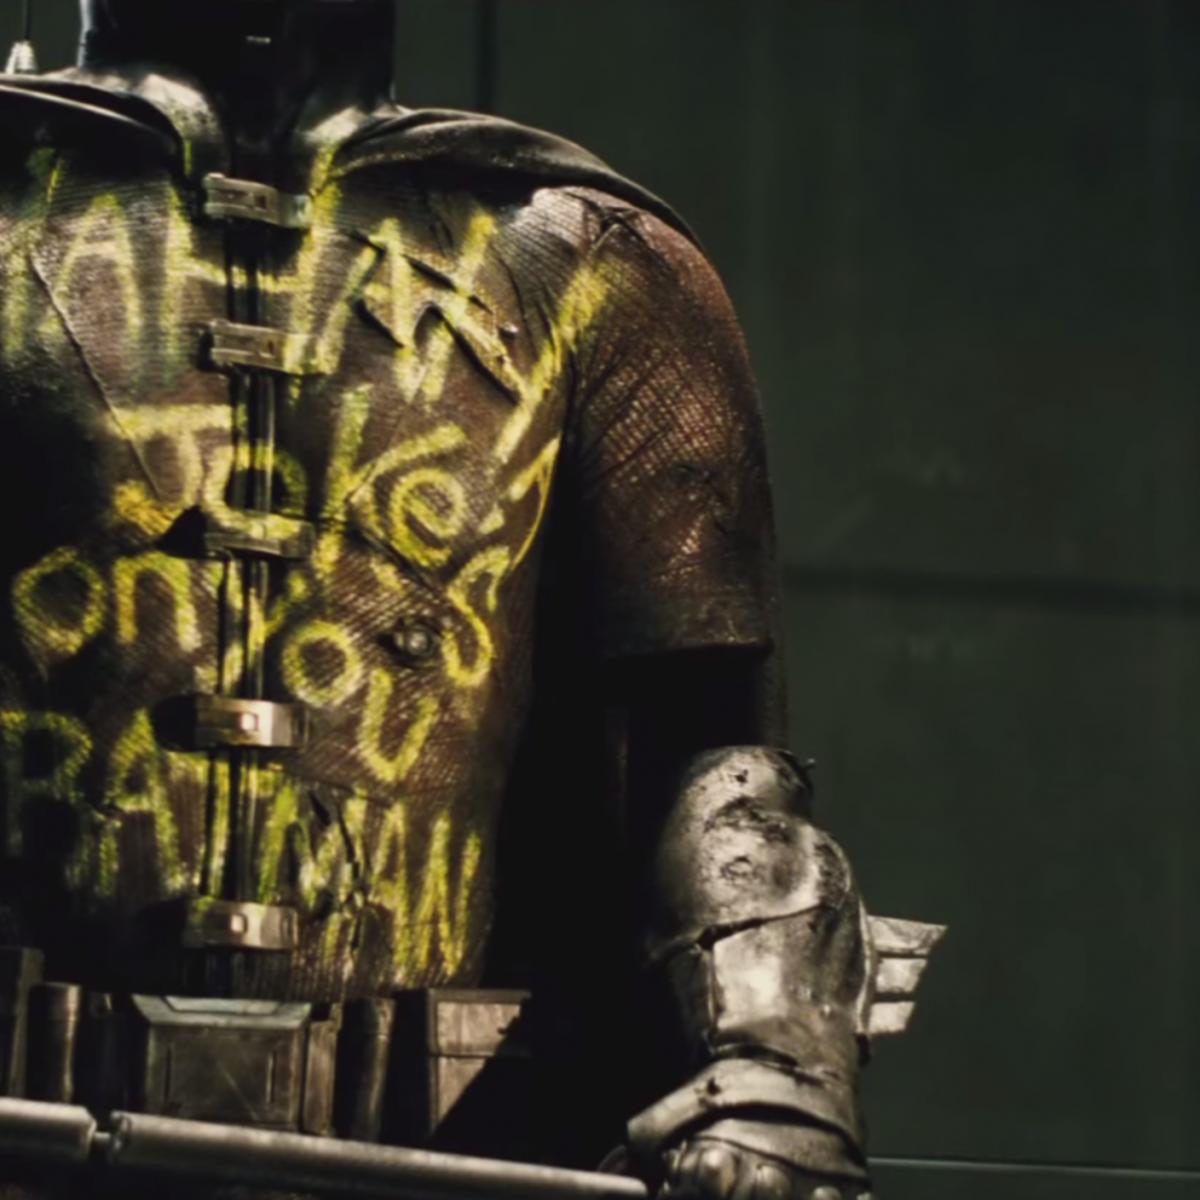 Batman-v-Superman-SDCC-trailer-1-1940x847.png